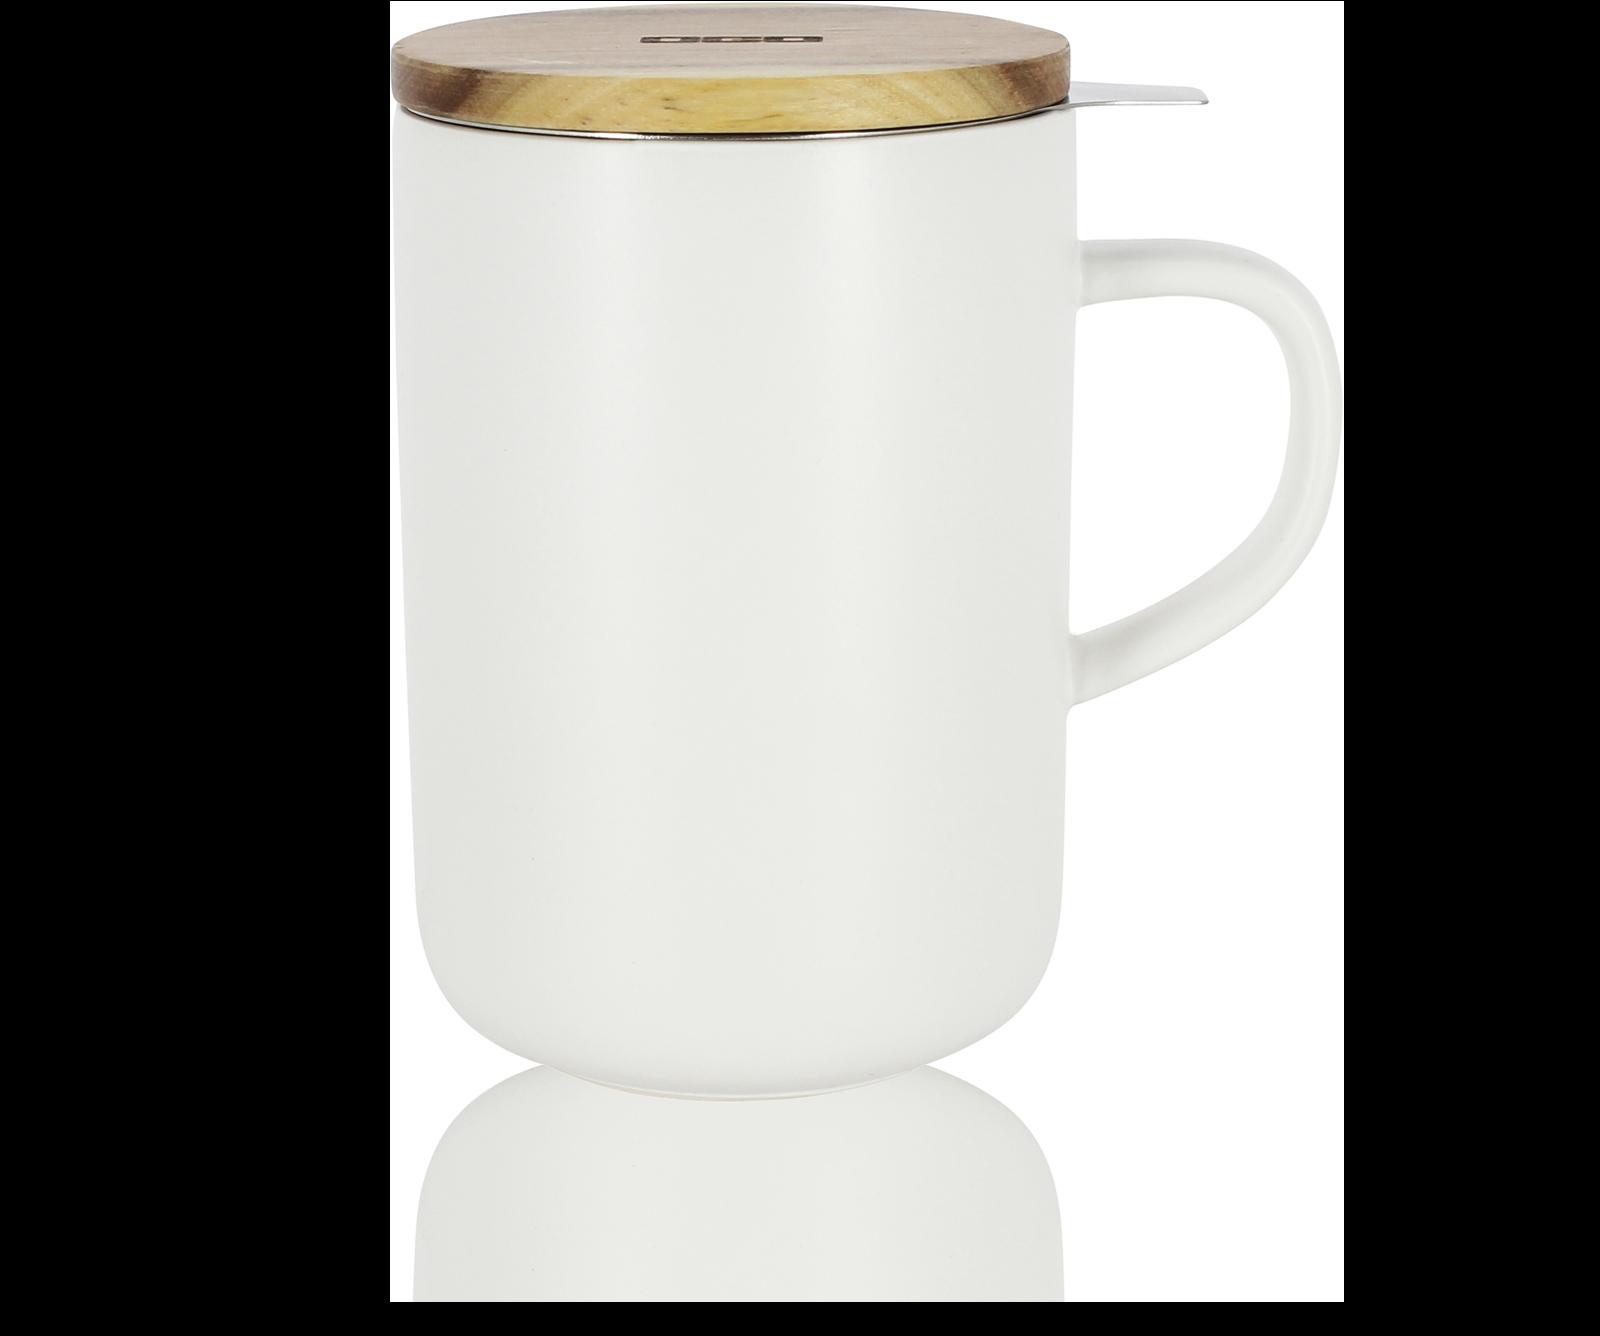 Tisanière en grès 48Cl, couvercle bois, filtre inox - Kusmi Tea